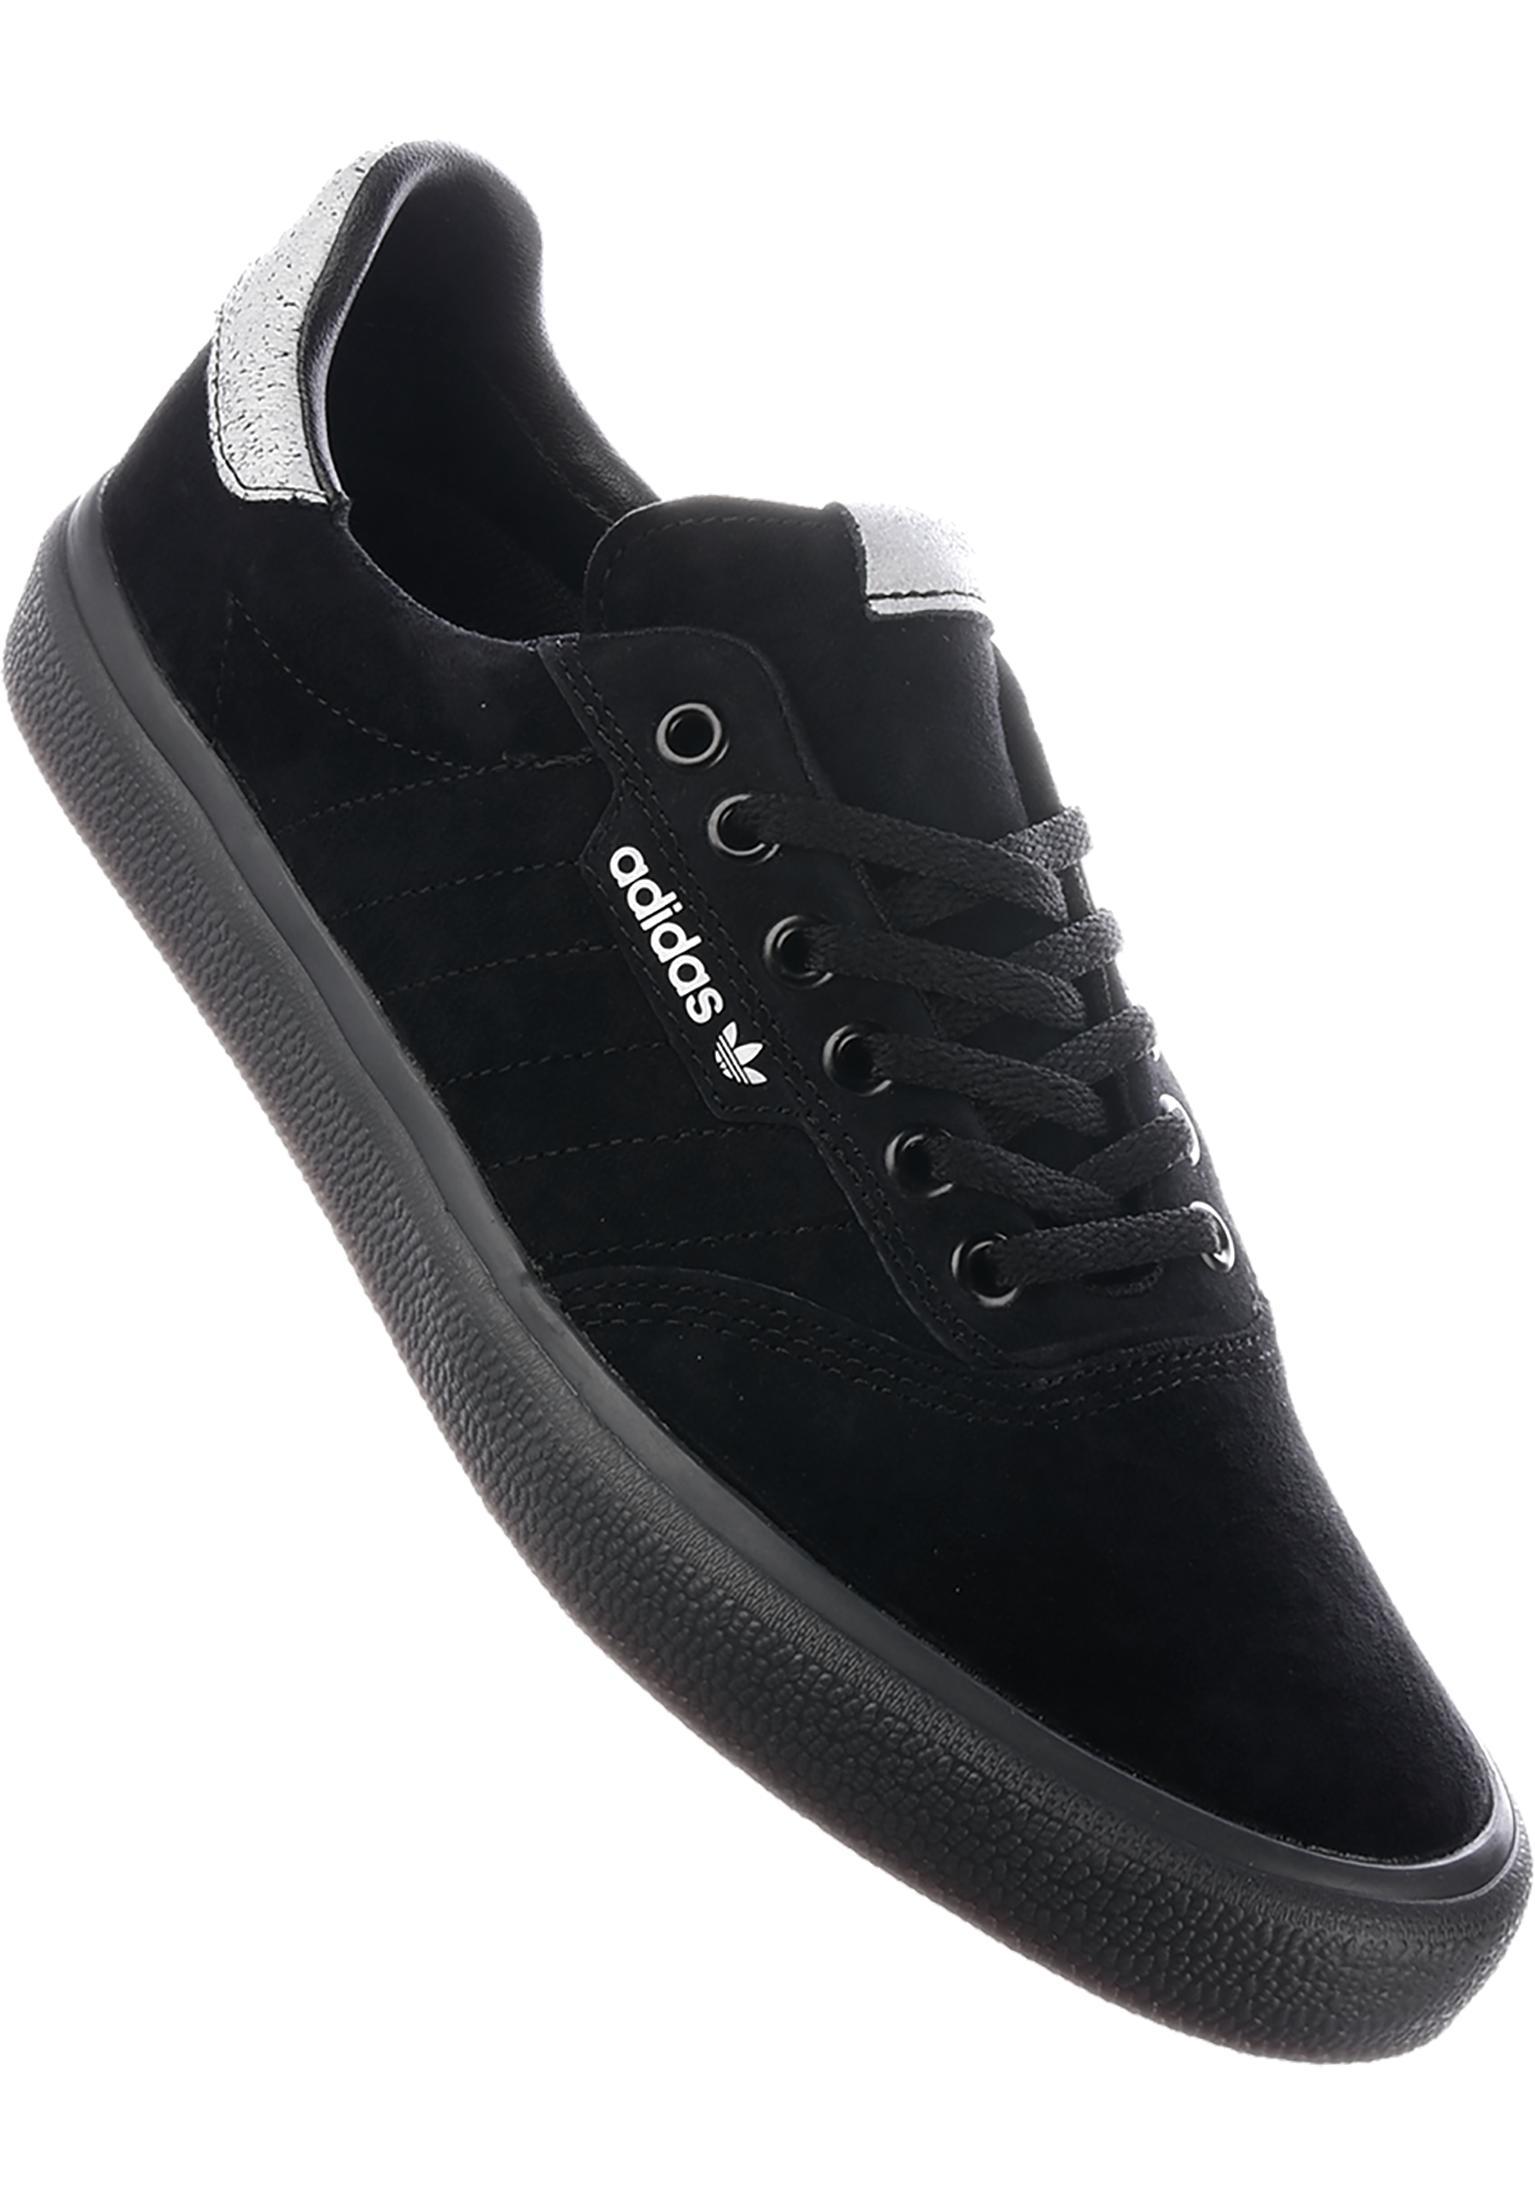 3MC adidas-skateboarding Alle Schuhe in black-white-grey für Herren ... 822850cf6